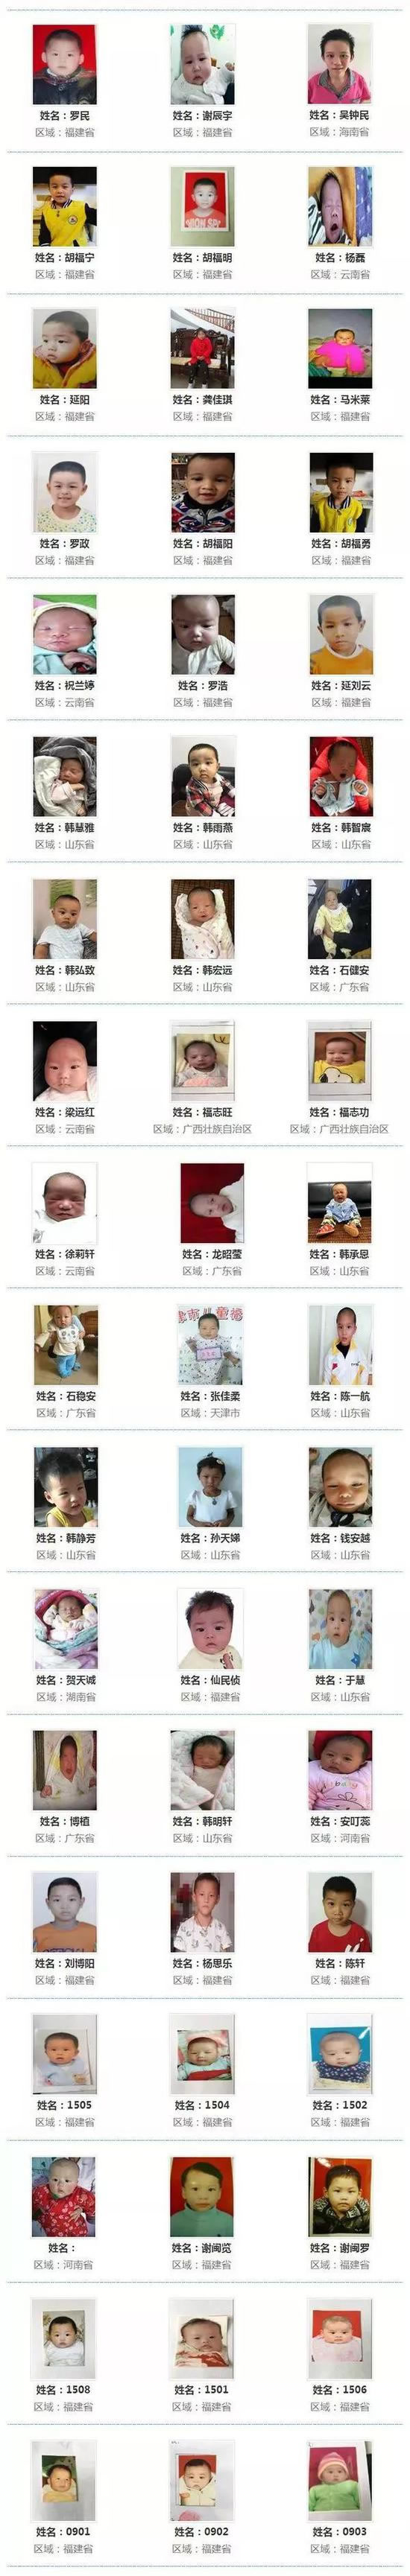 被拐儿童信息